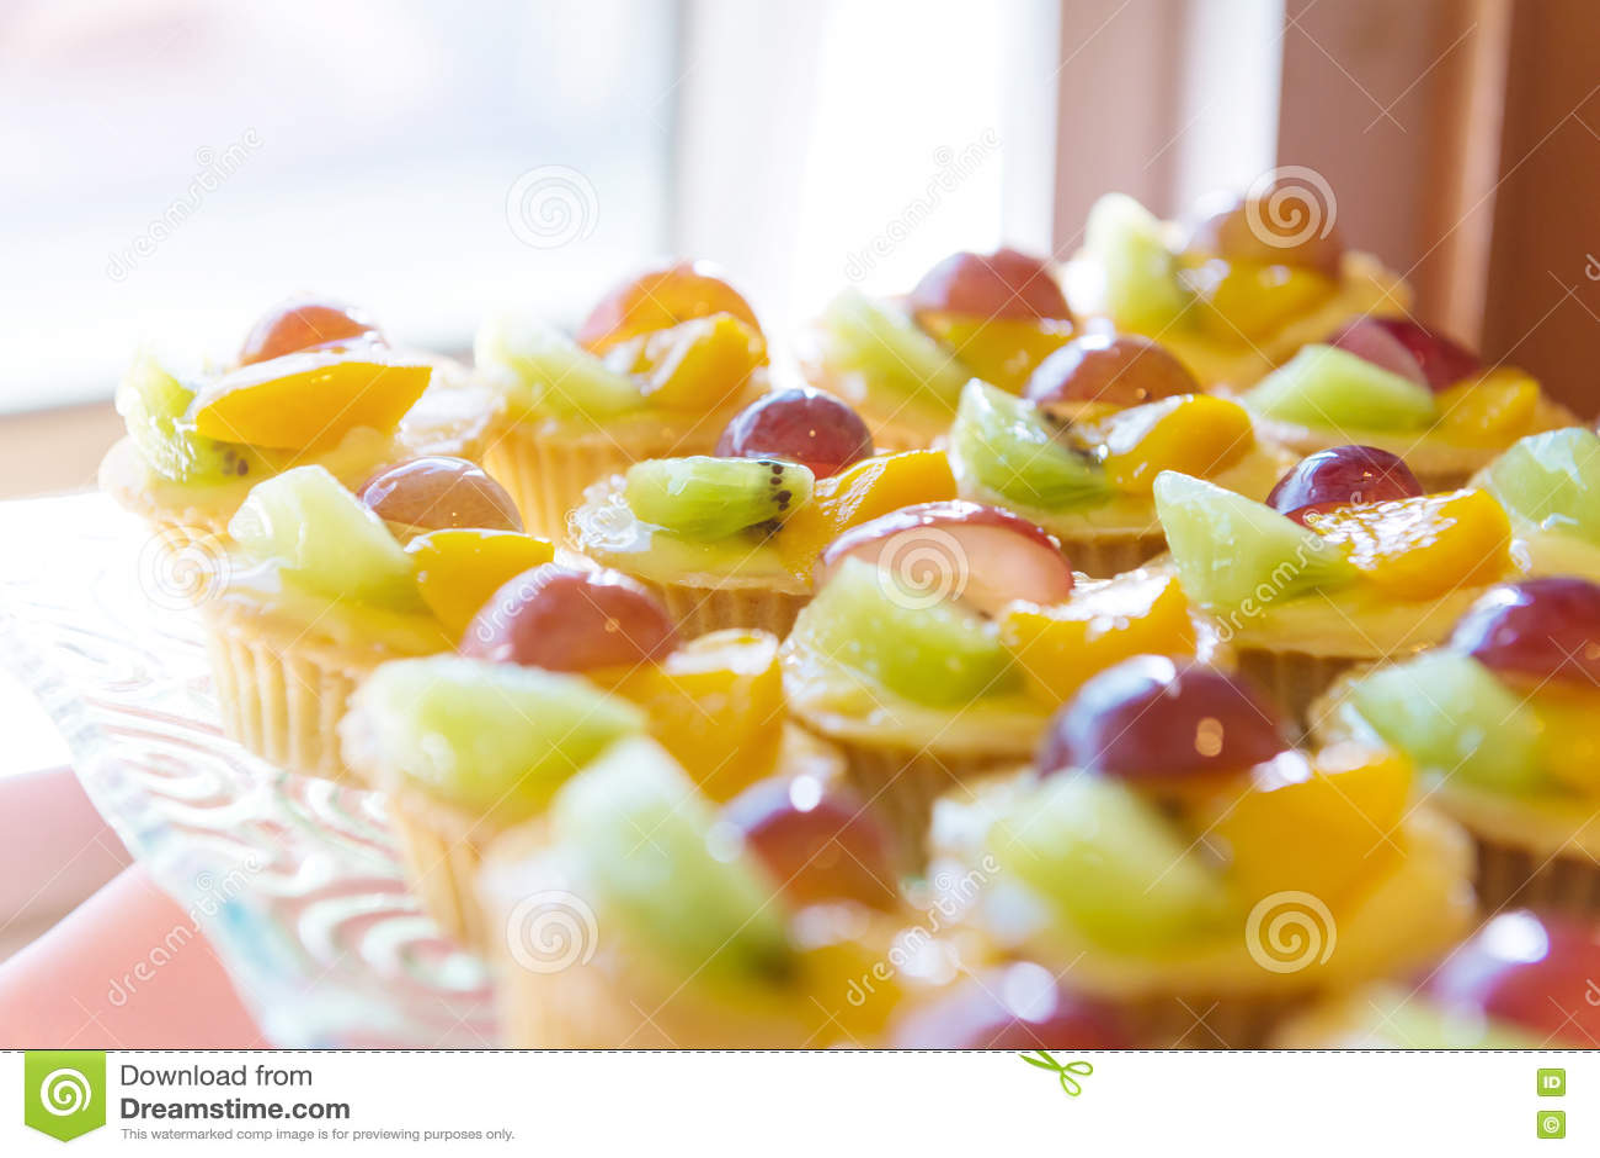 Pastel de nata misturado do fruto fresco